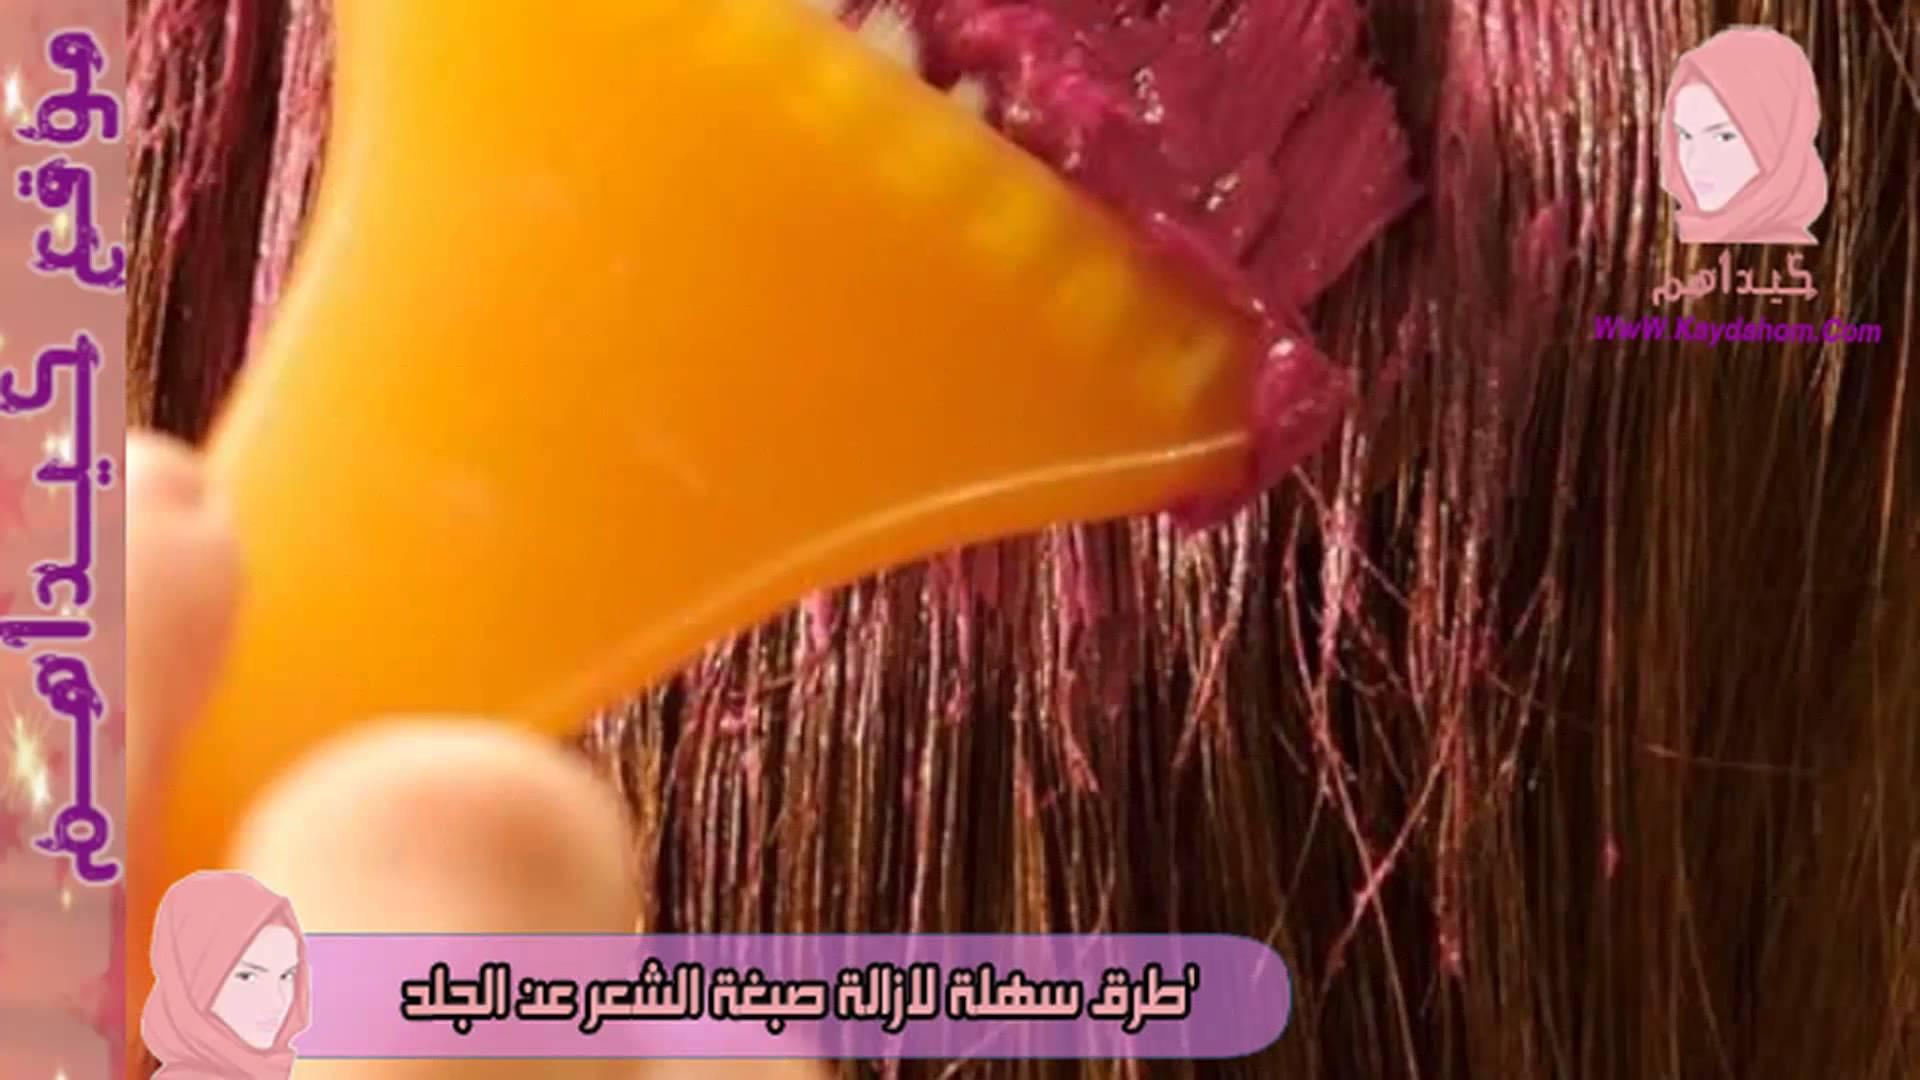 صوره كيفية ازالة صبغة الشعر من الجلد